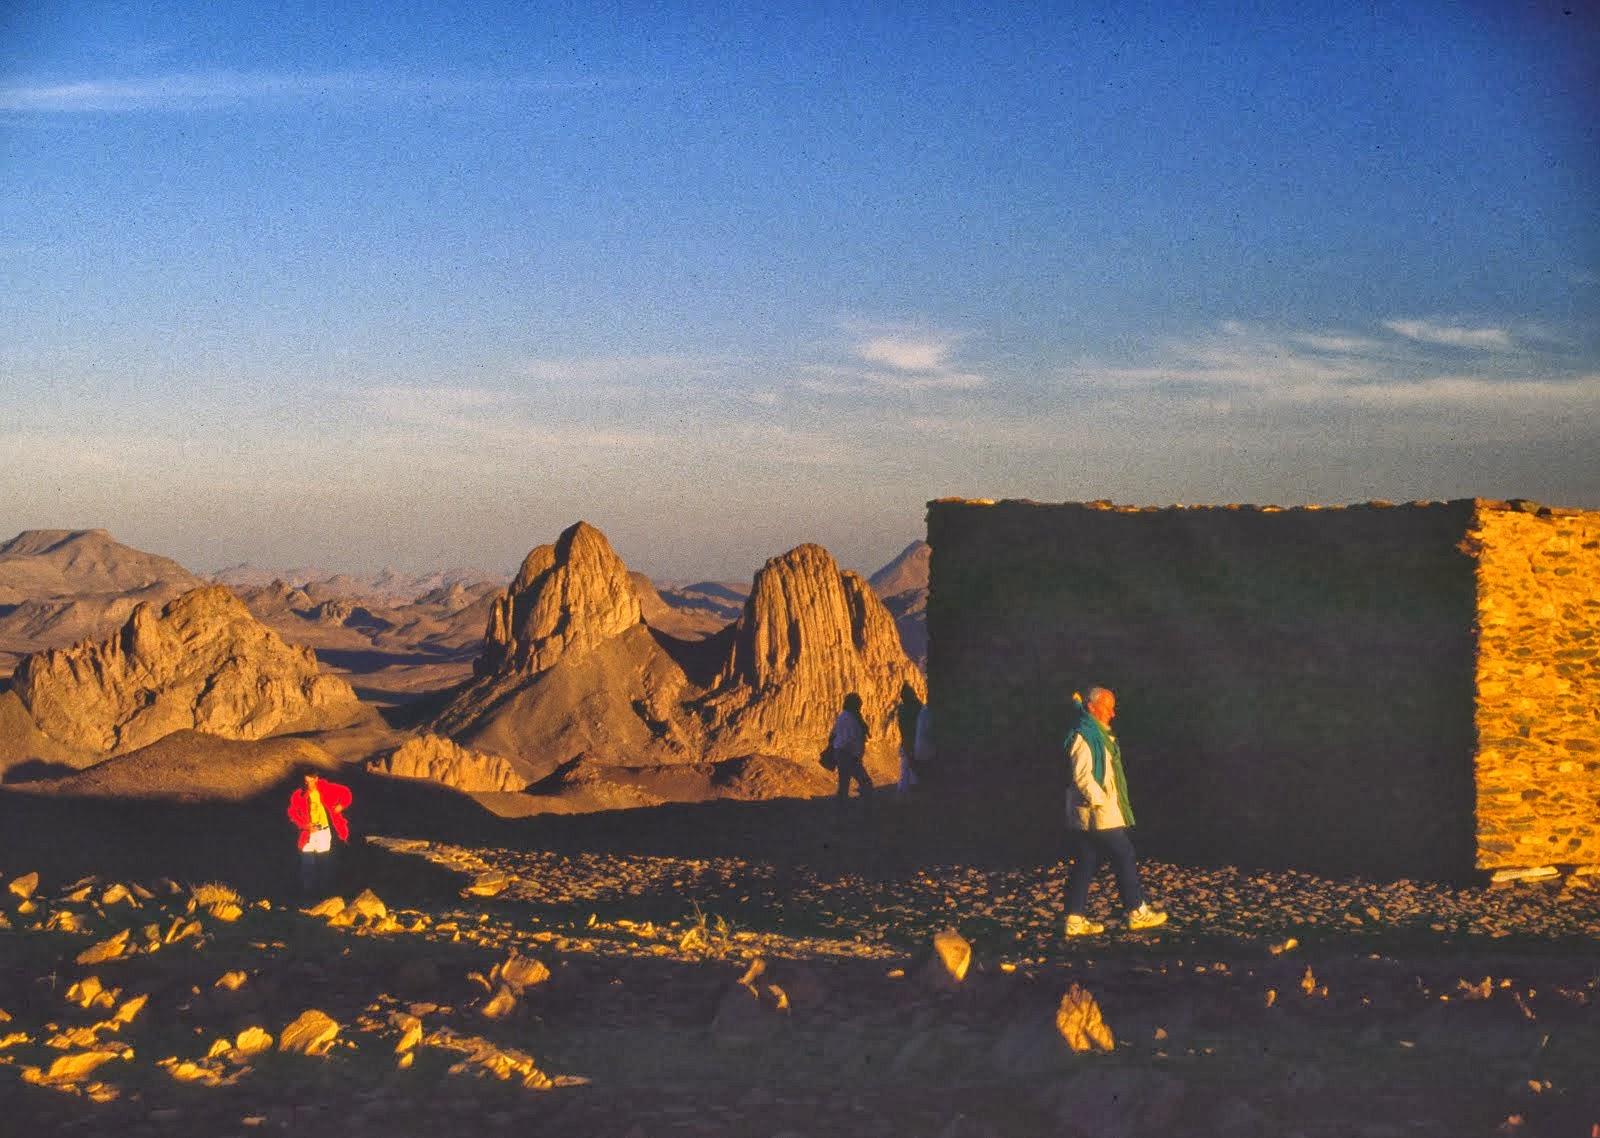 algeria 1989